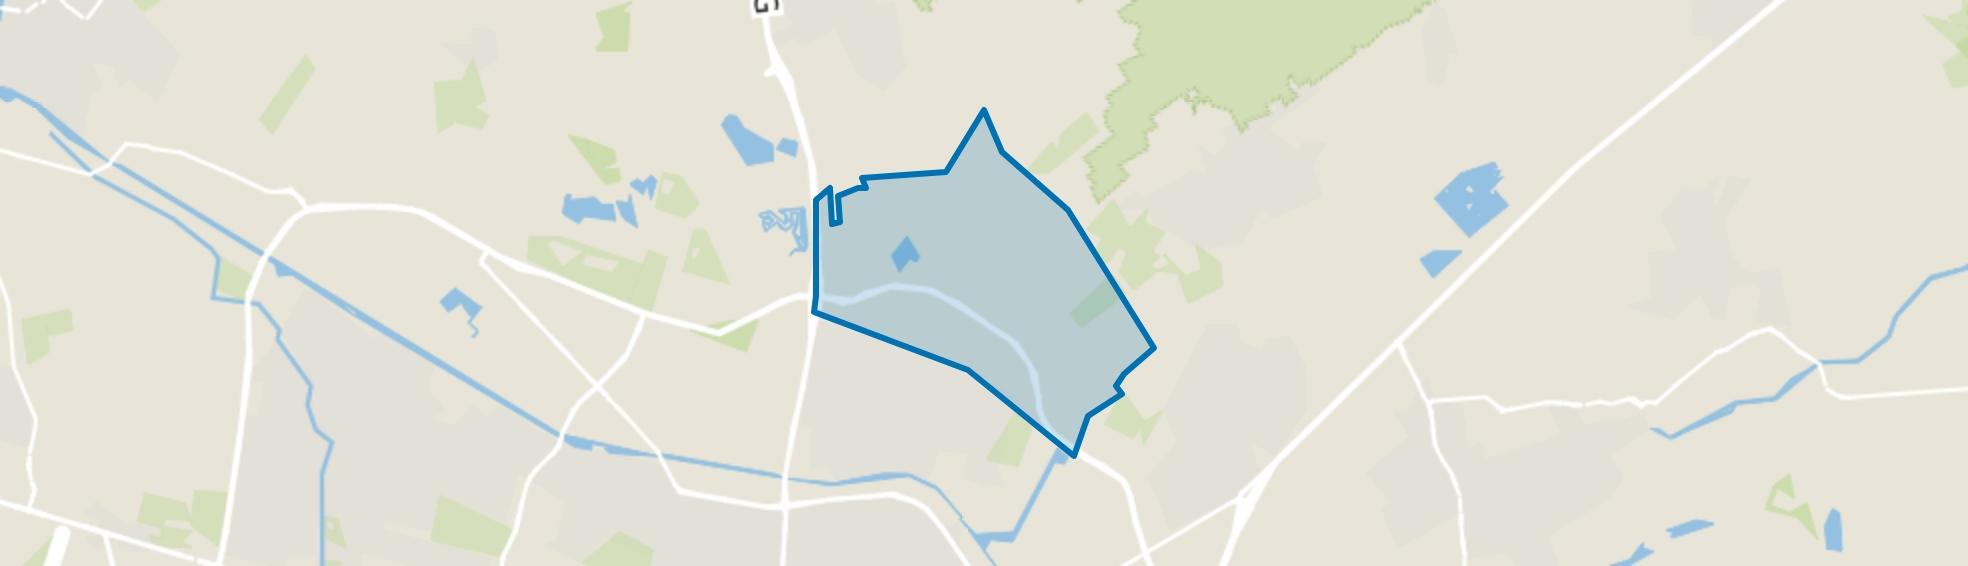 Buitengebied Tilburg Noord-Oost, Tilburg map